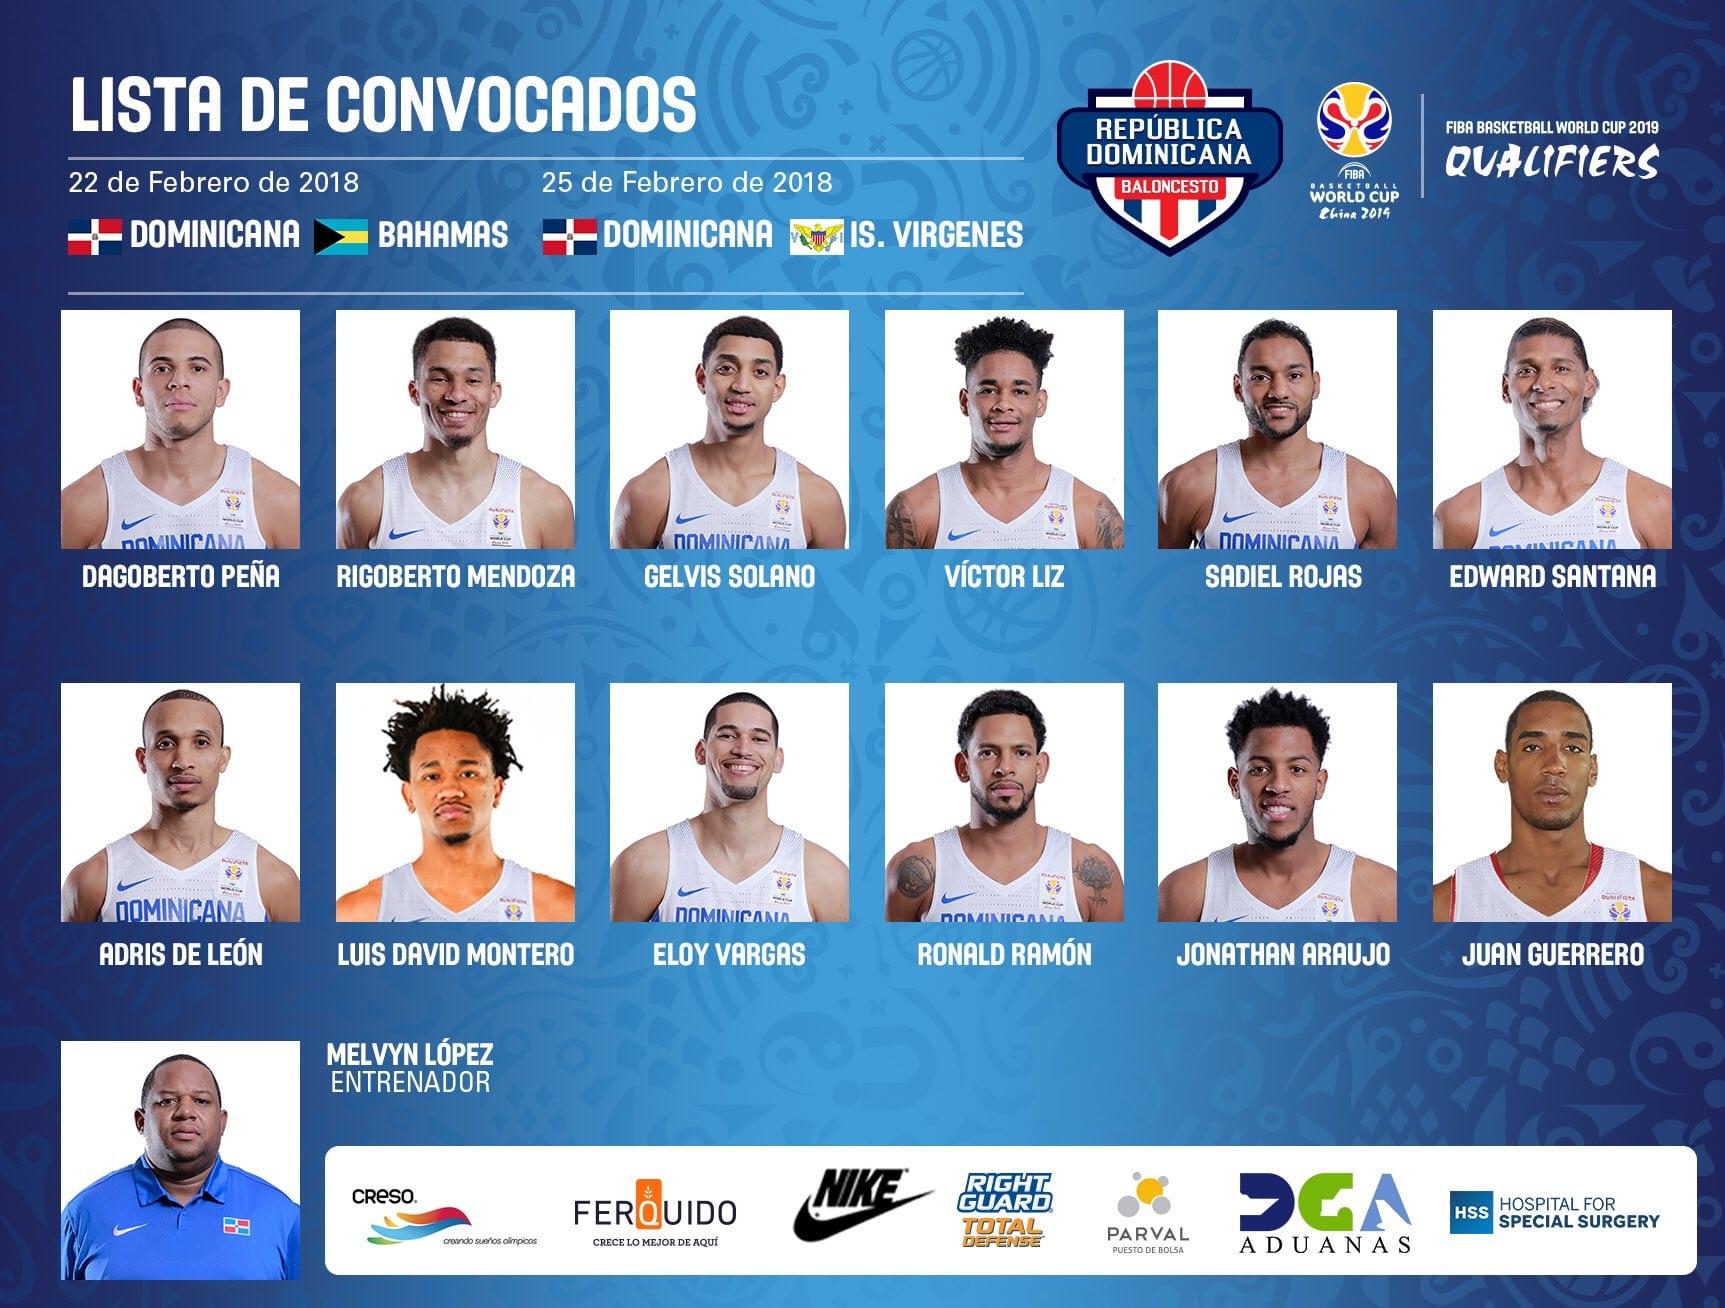 Vicedo, Arteaga (España), Dago Peña (R. Dominicana) y Hakanson (Suecia) repiten en ventanas FIBA, y Brizuela podría debutar